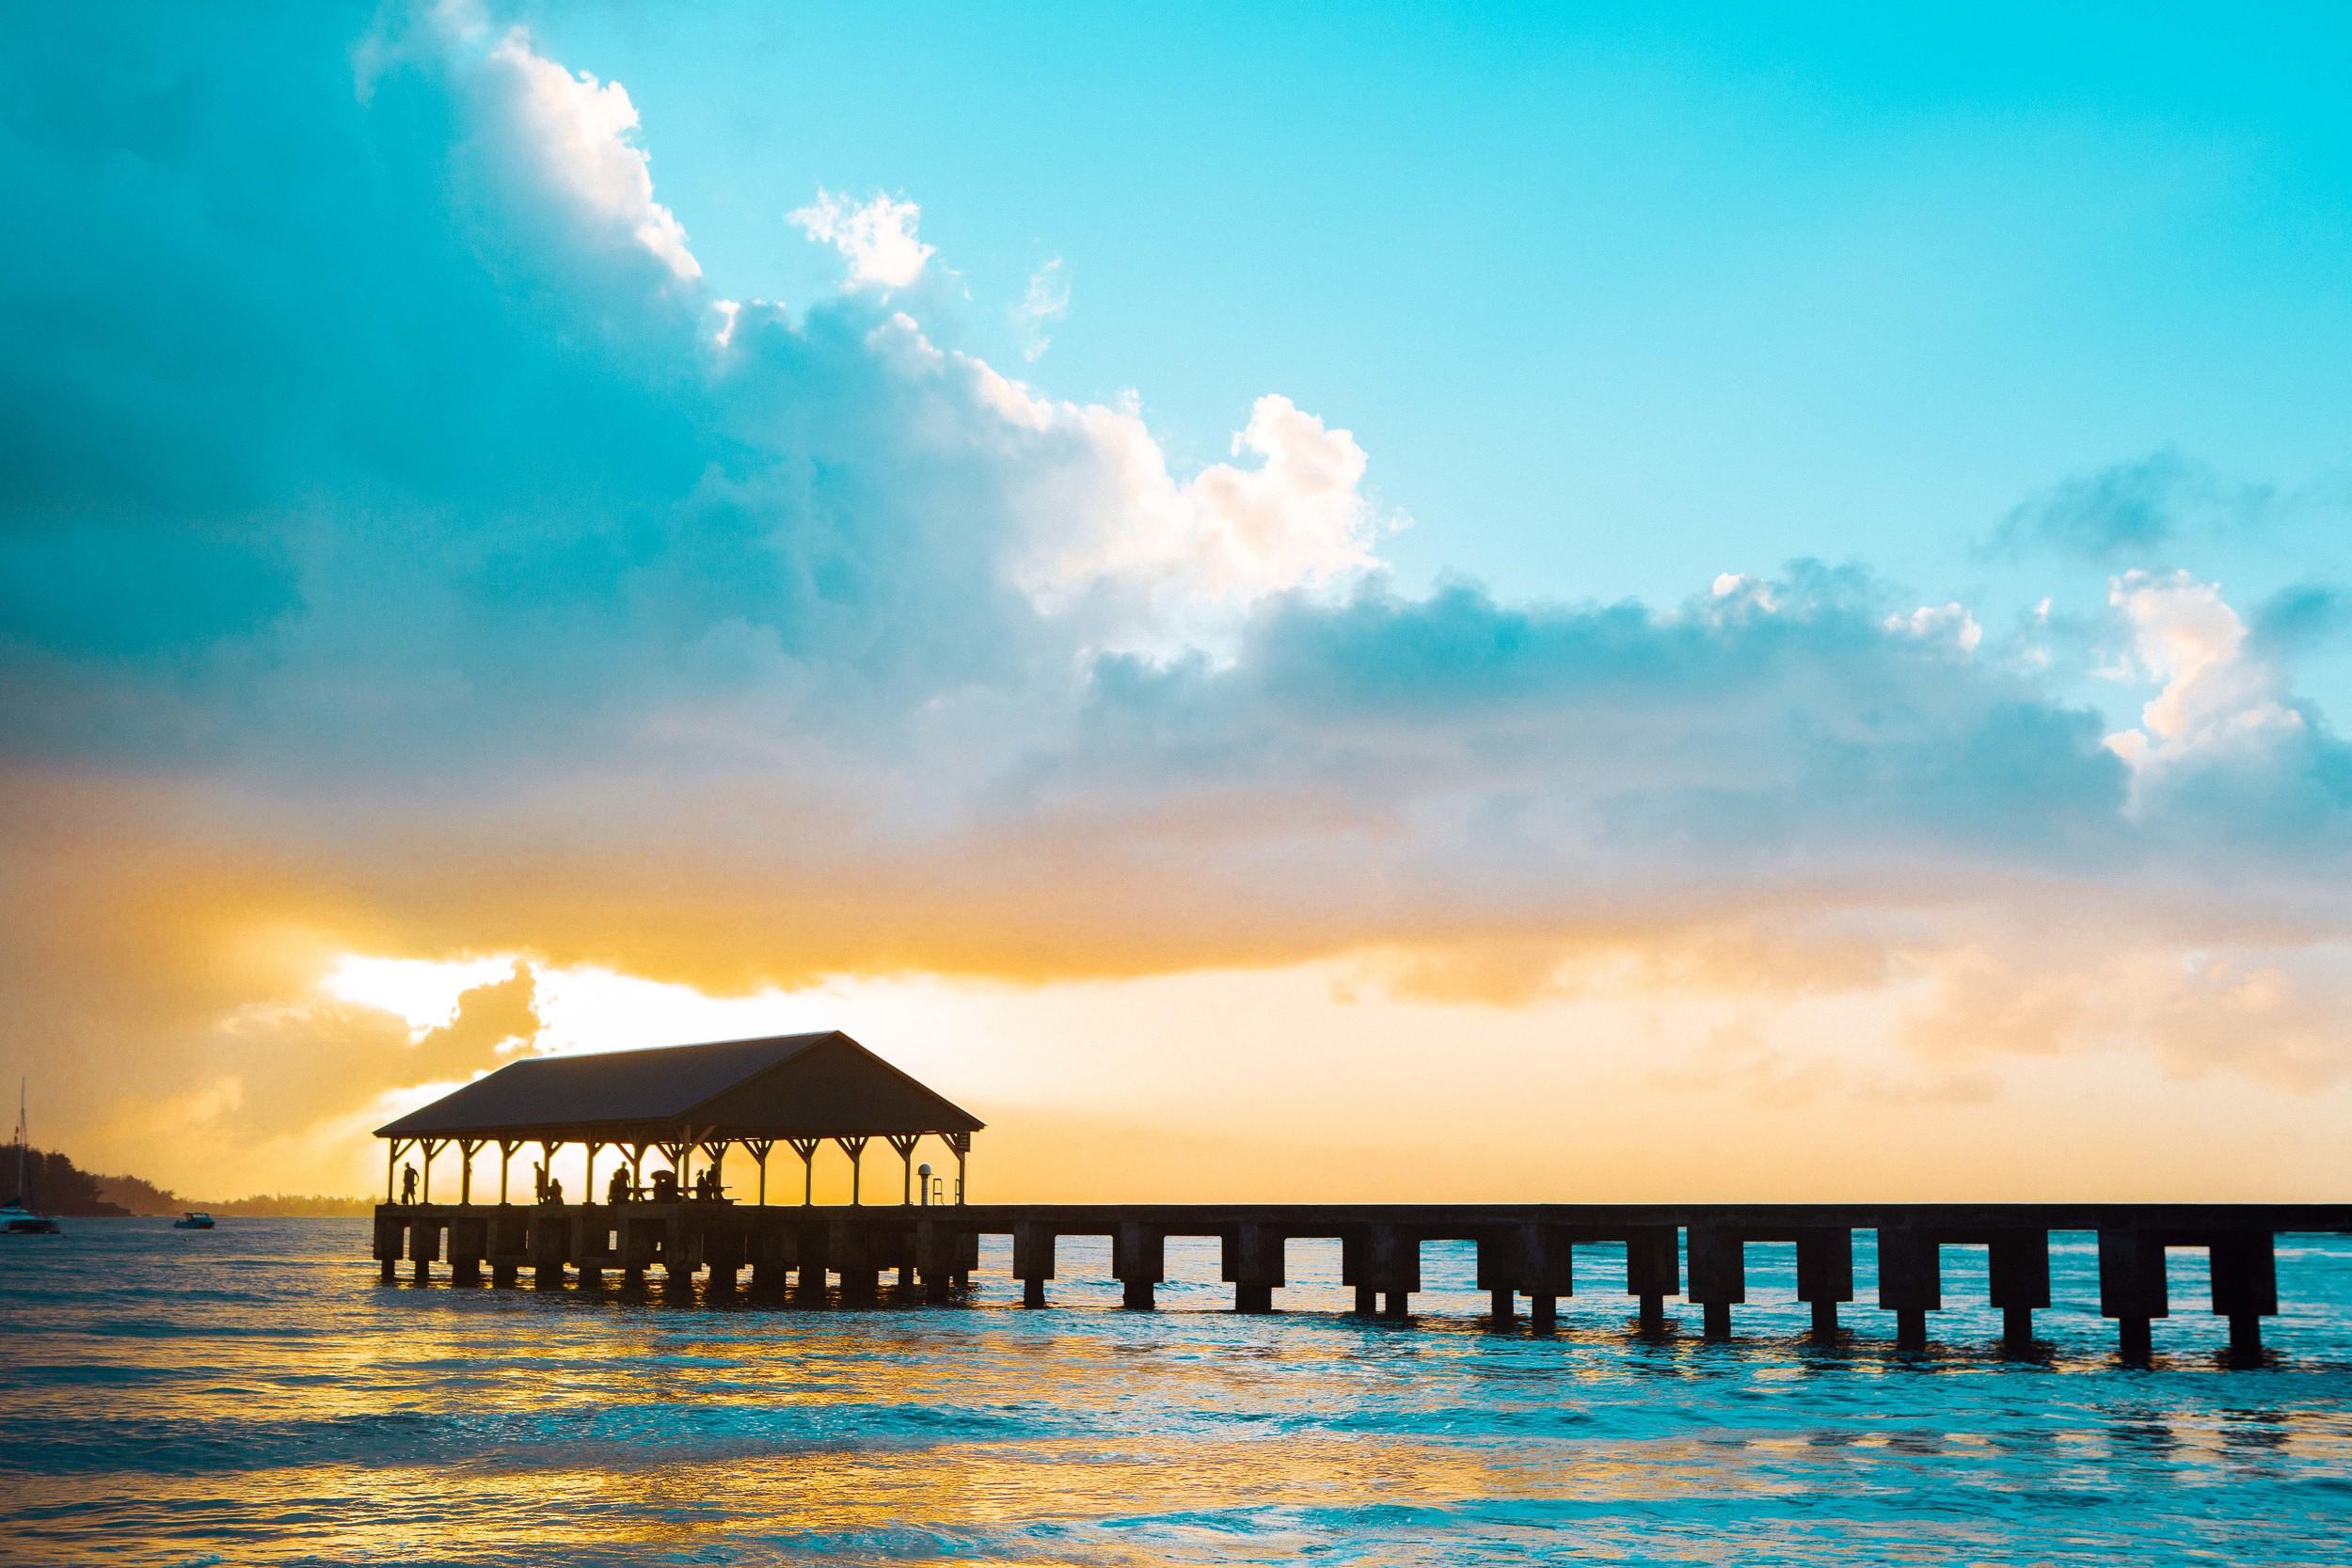 kauai_day4-263-2.jpg